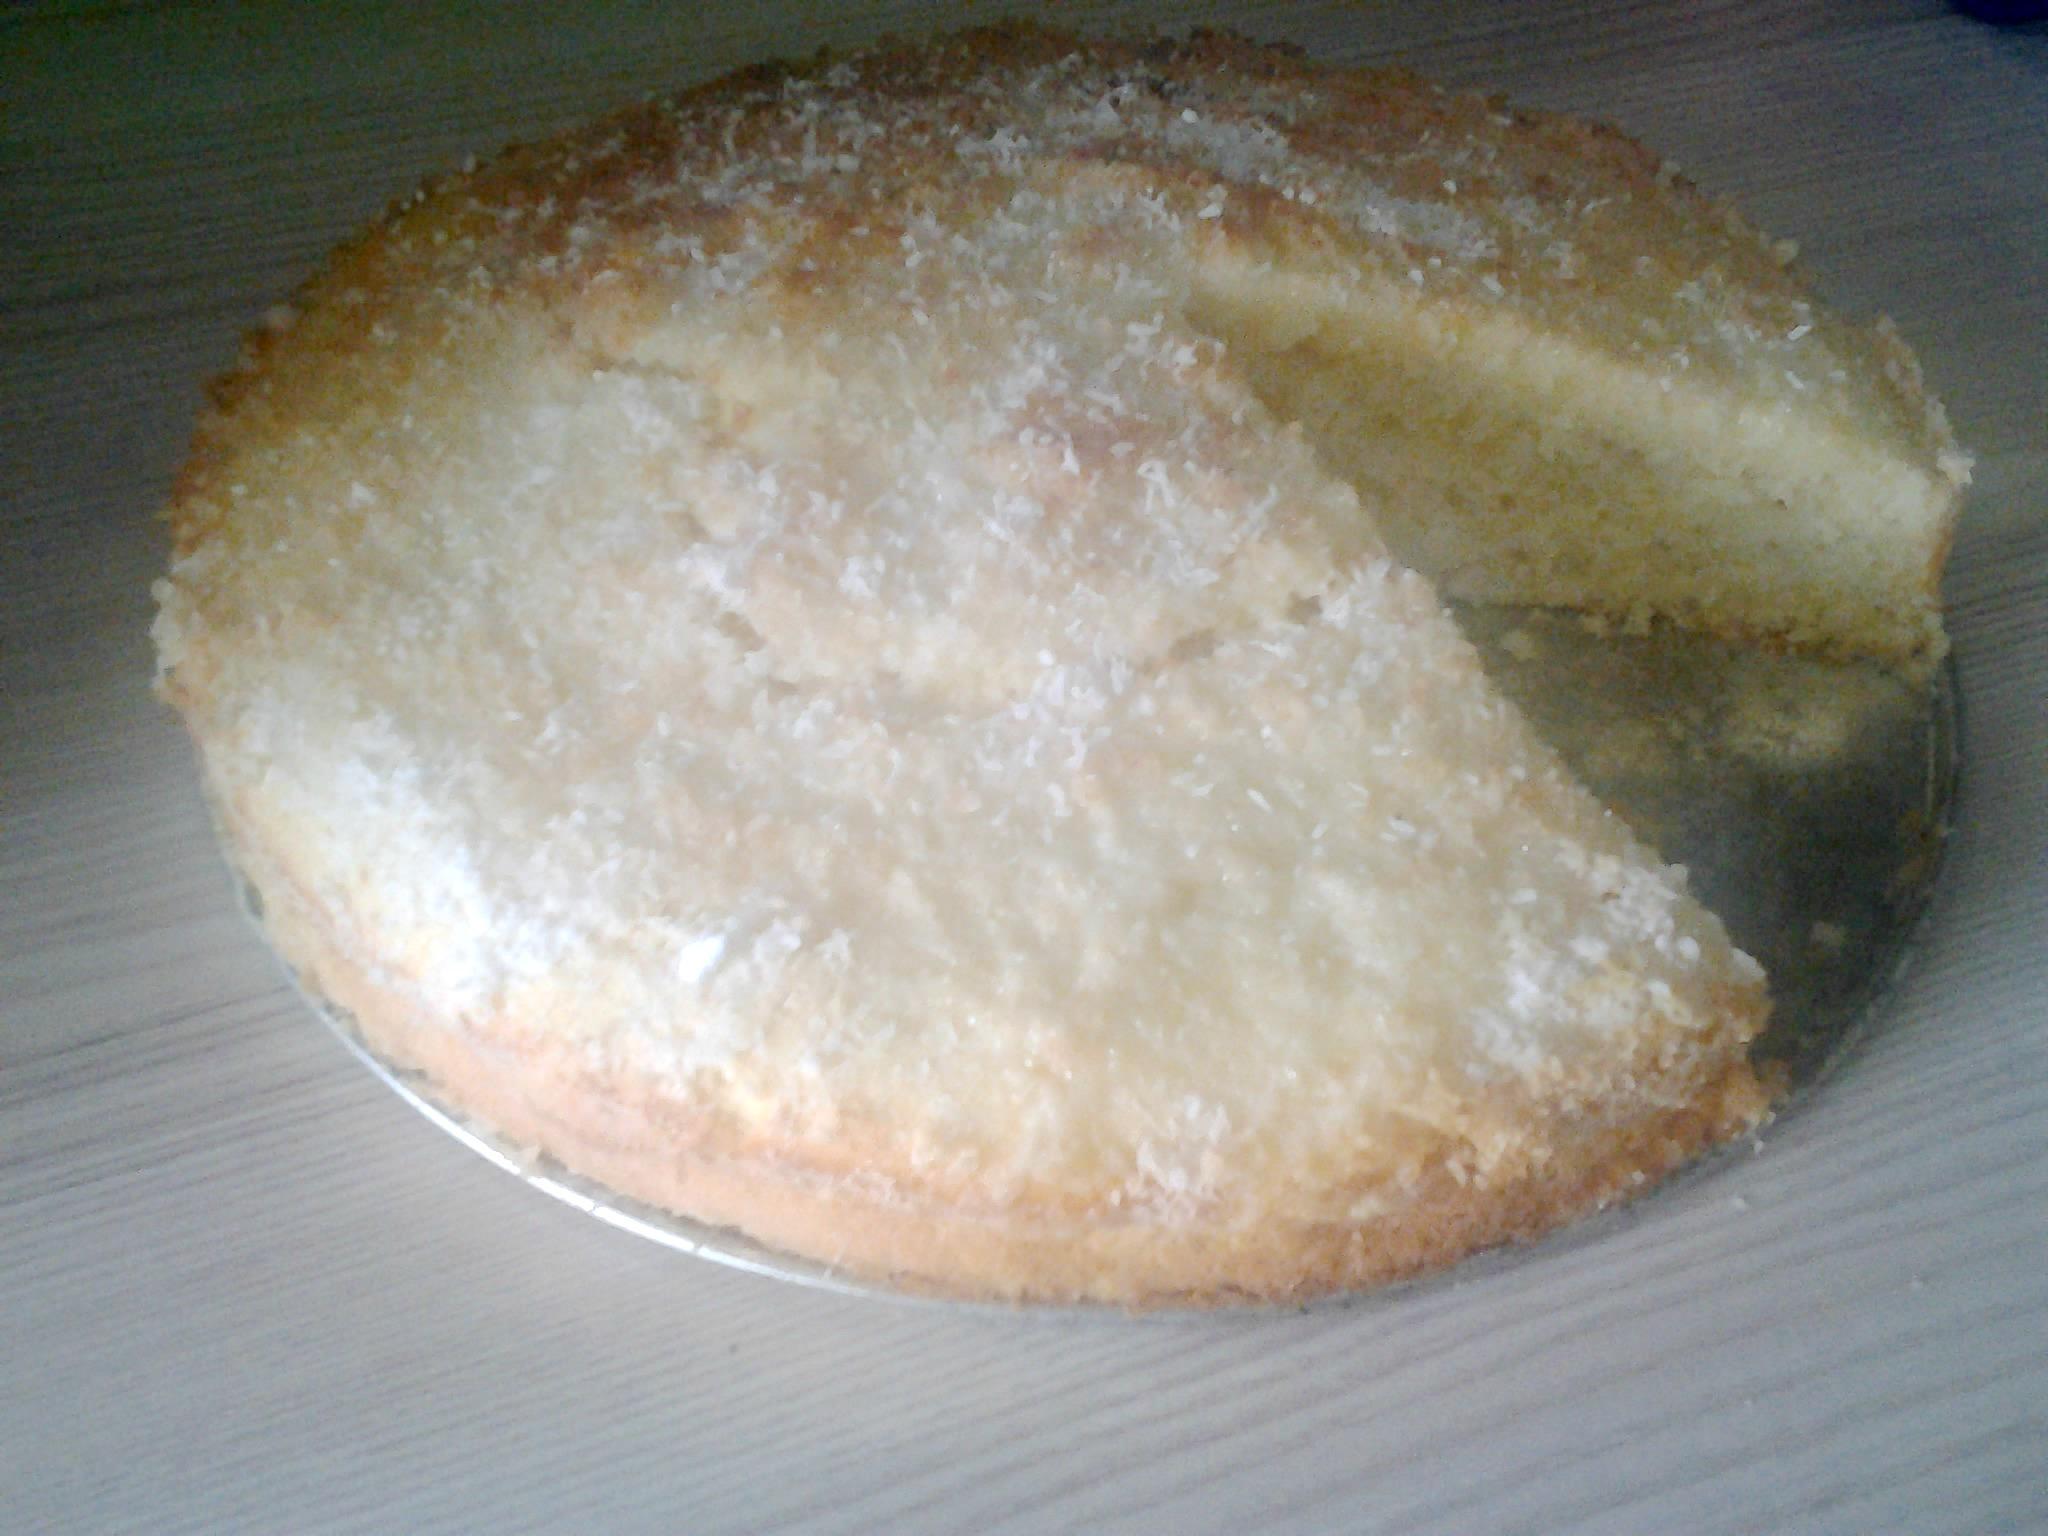 Recept Řezy Raffaello - Pekla jsem v dortové formě a výsledek je výborný - rychlý a dobrý moučník!